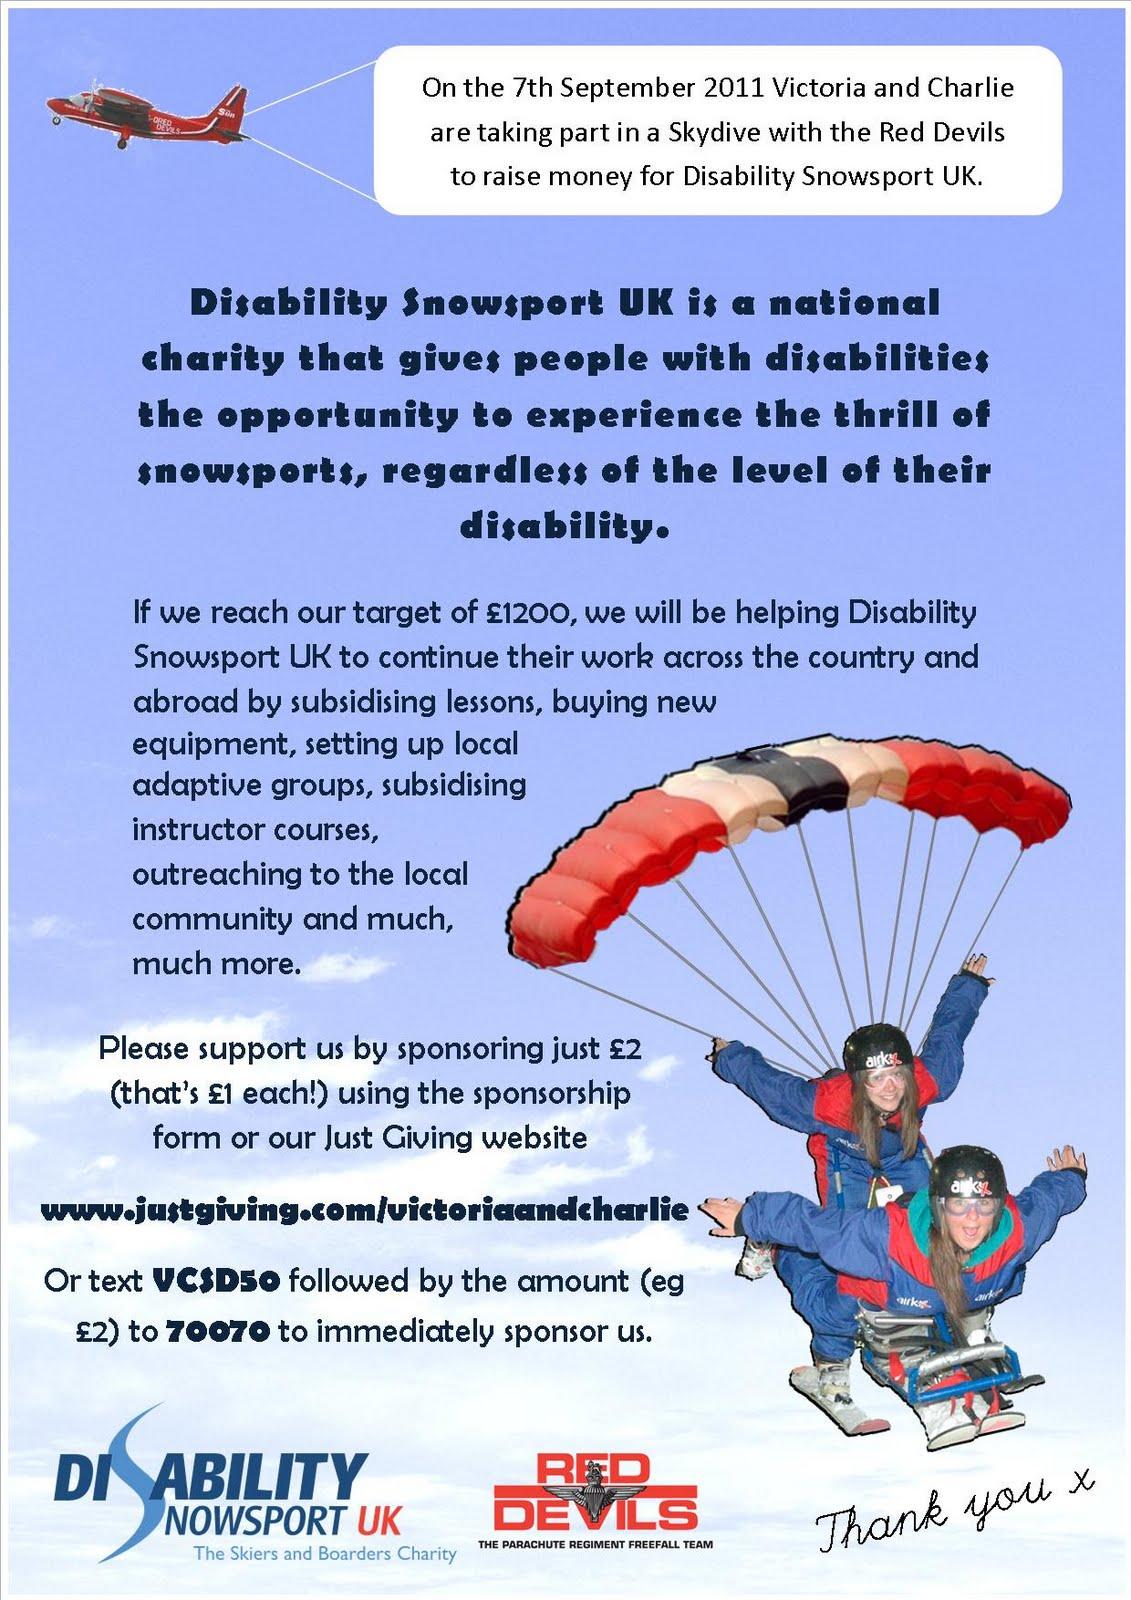 Www.justgiving.com/victoriaandcharlie  Charity Sponsor Form Template